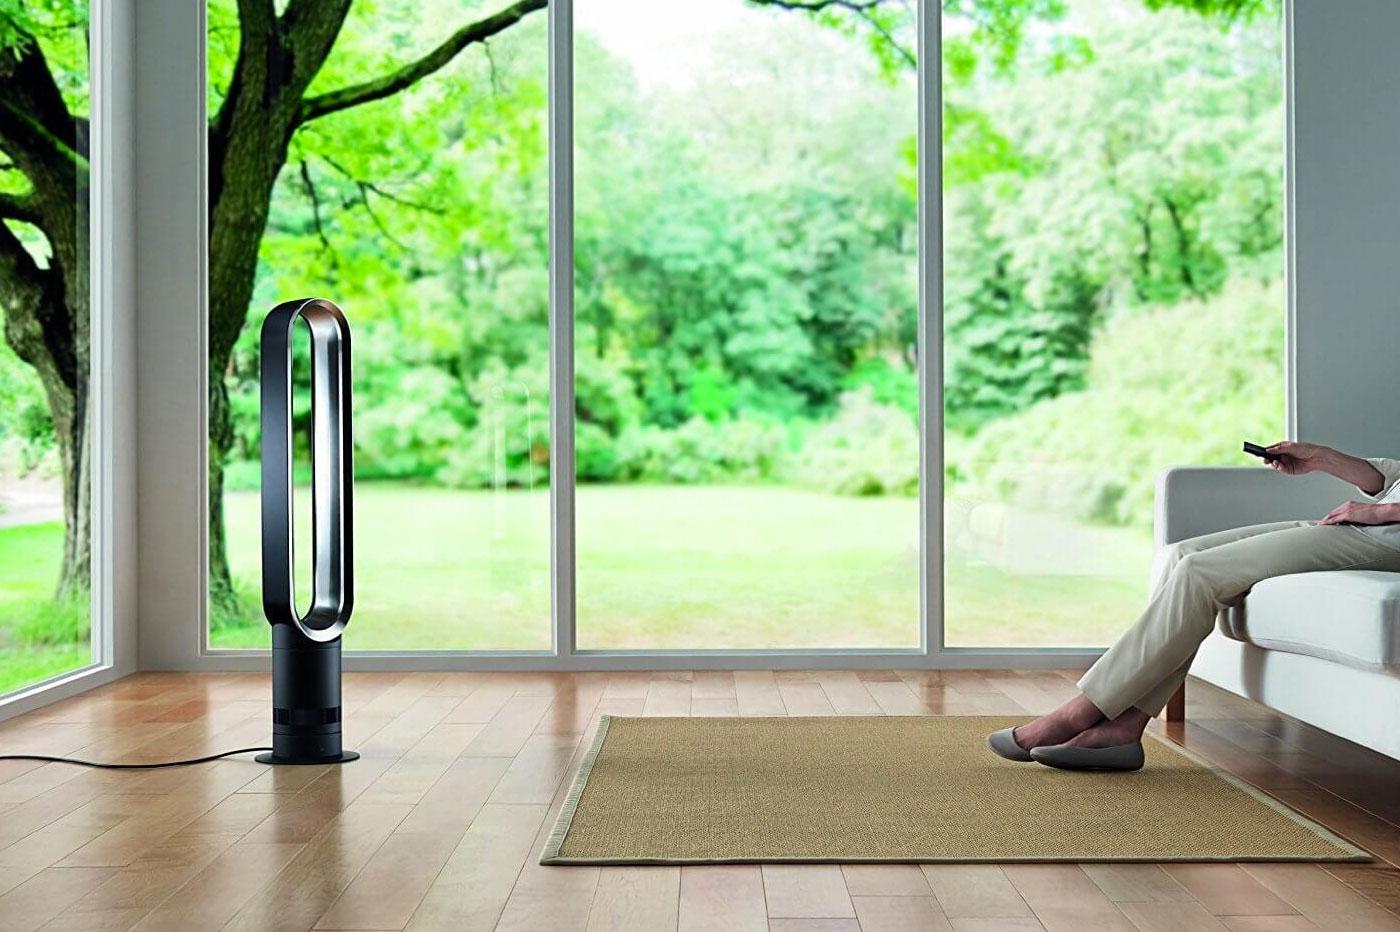 comparatif meilleur ventilateur et climatiseur pour. Black Bedroom Furniture Sets. Home Design Ideas